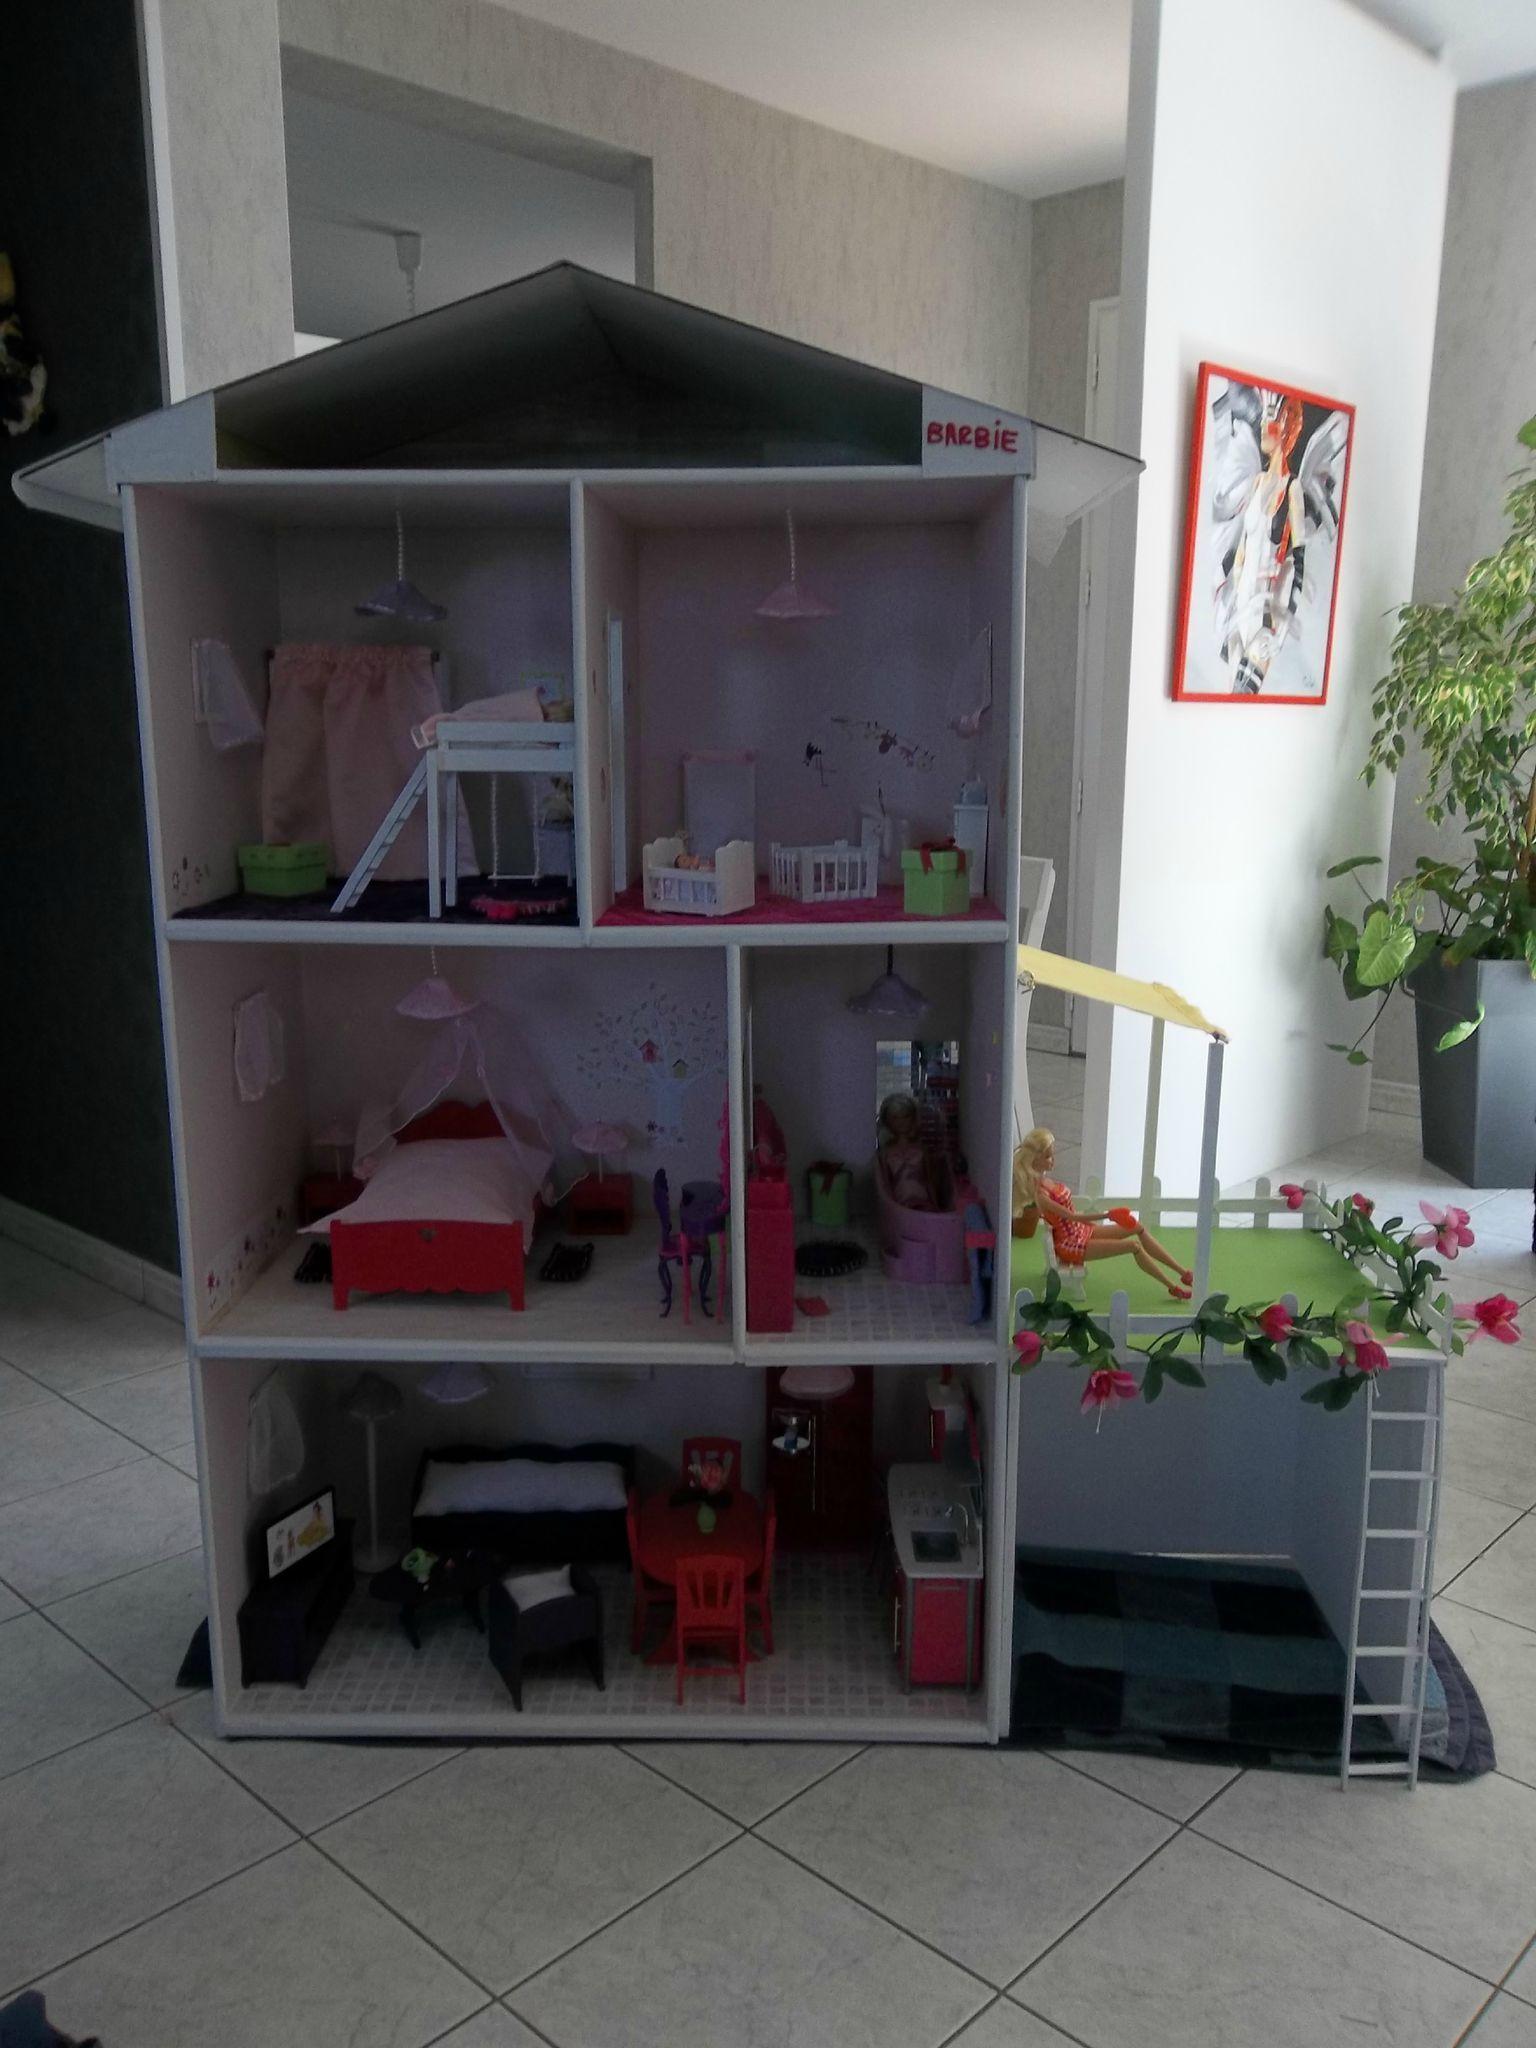 Fabrication maisons de poup e barbie construction de maisons de poup e barbie maison de - Construire une maison playmobil ...